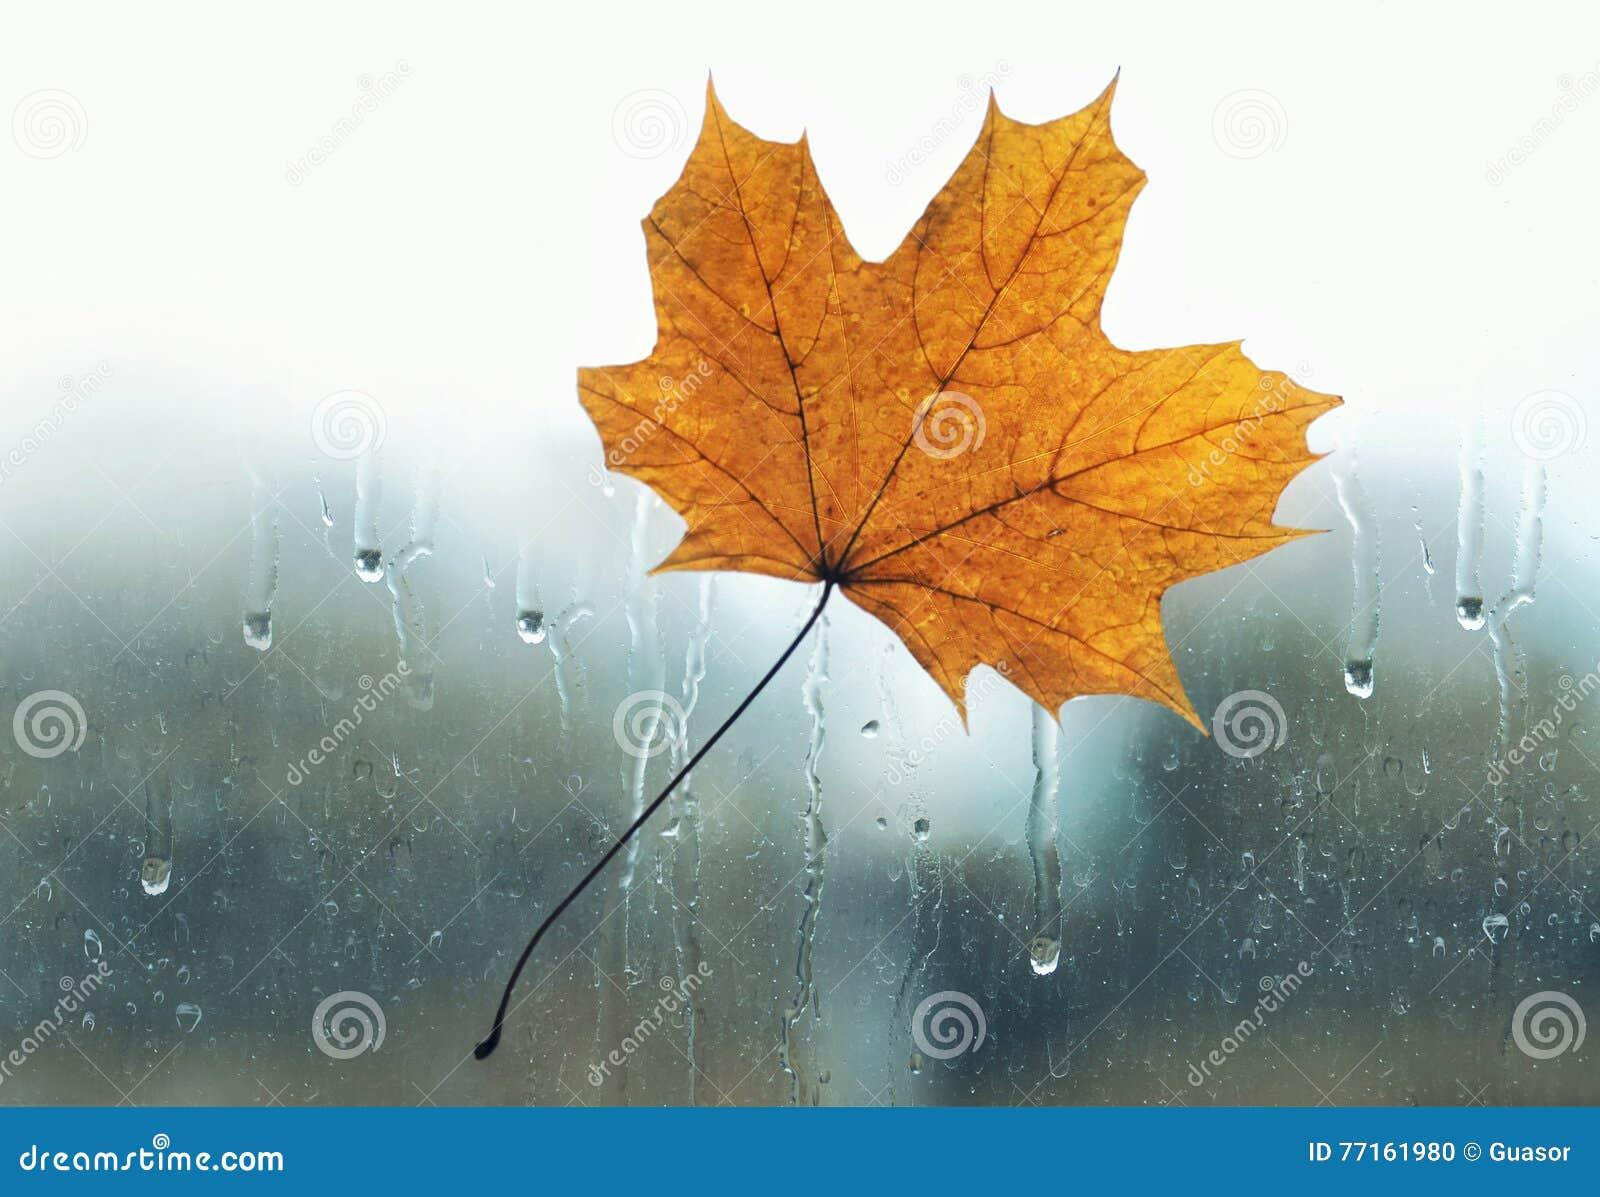 La feuille d érable jaune a collé pour mouiller le vitrail avec les baisses de pluie